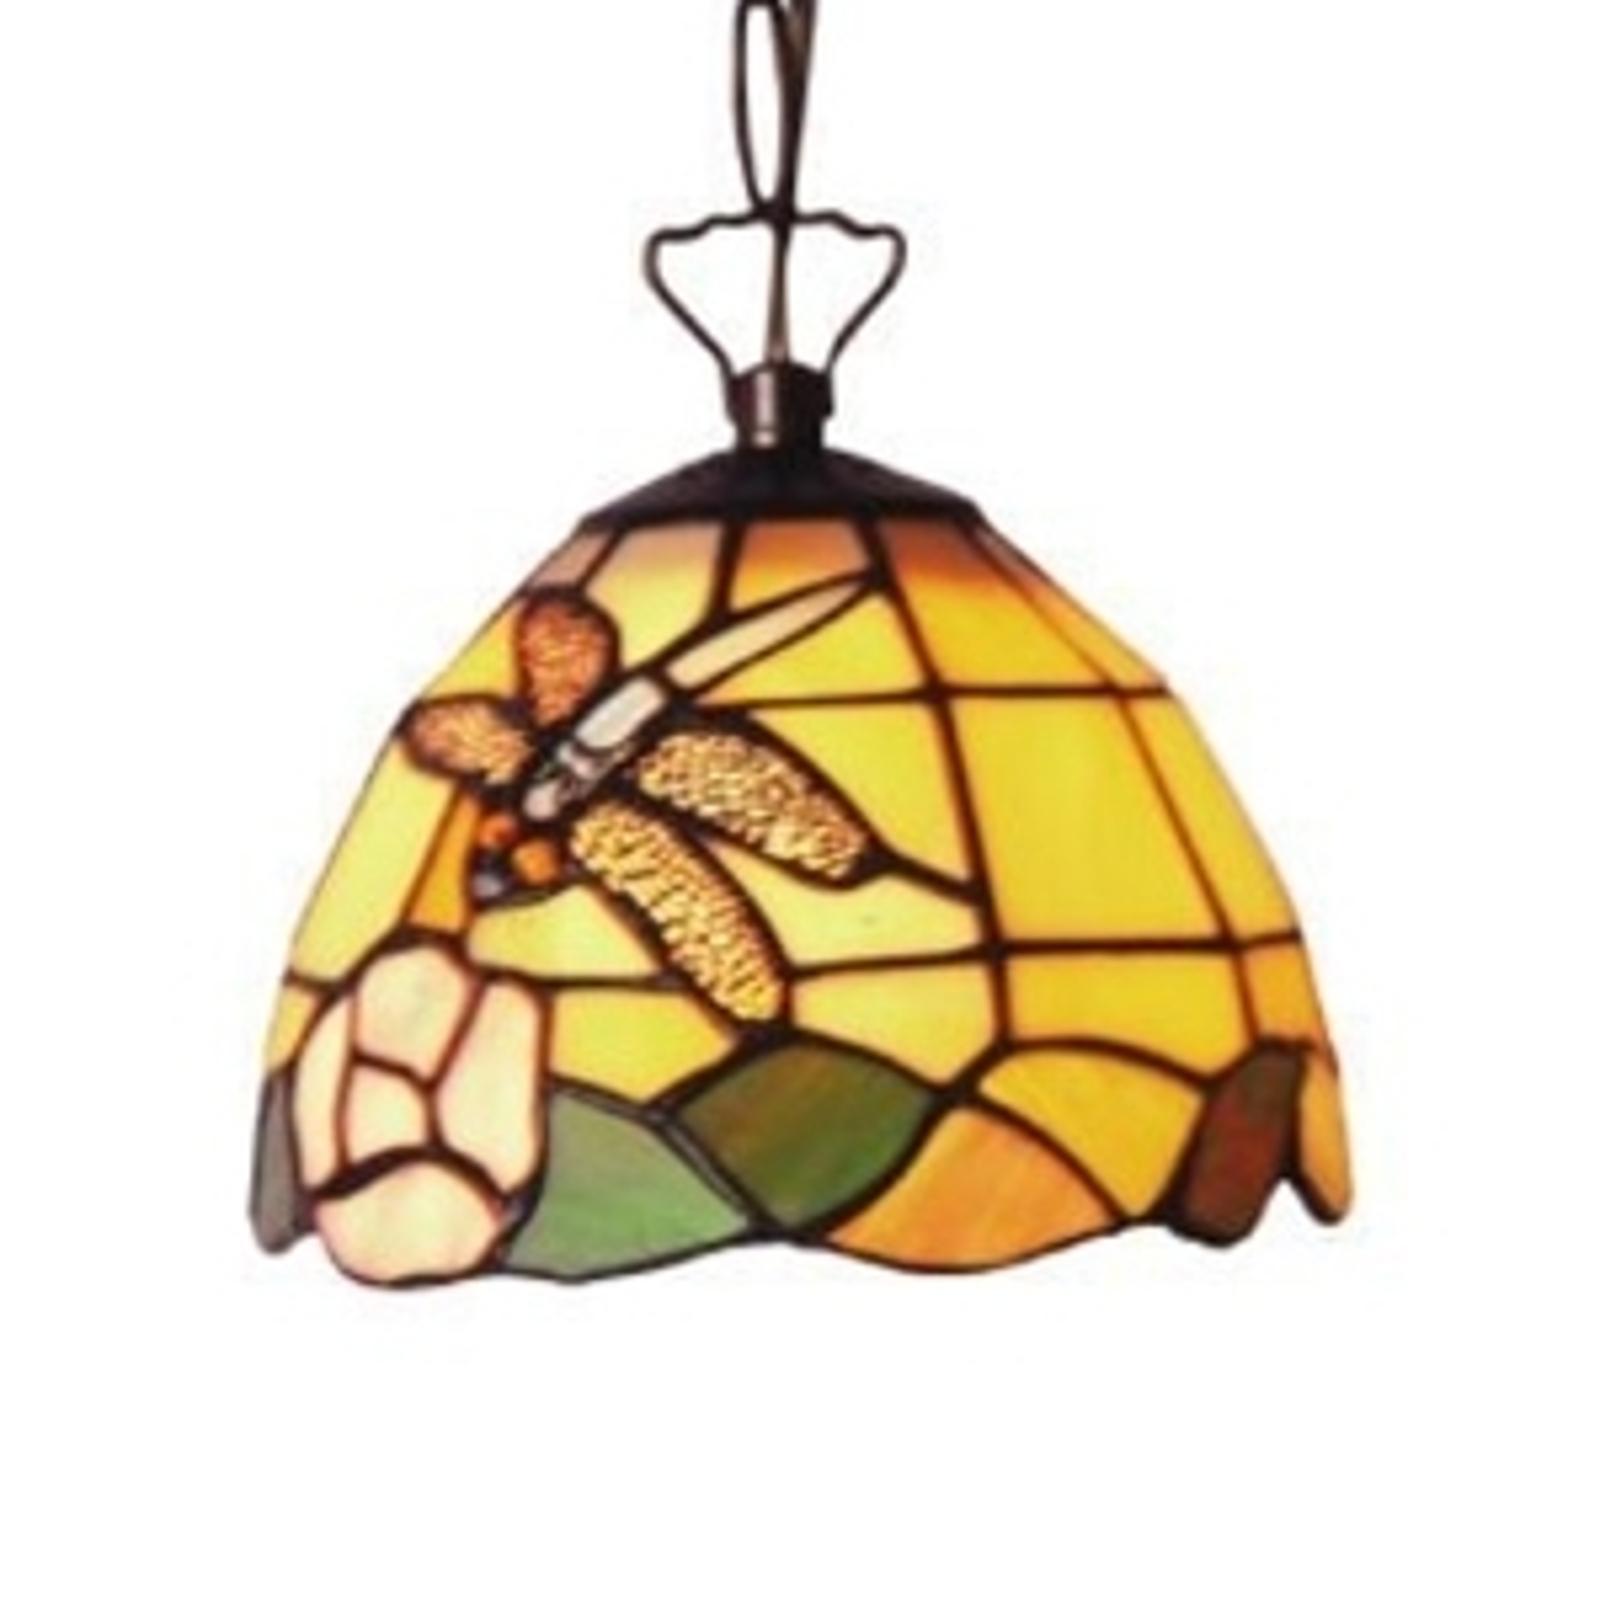 LIBELLE - prydende pendellampe i Tiffany stil